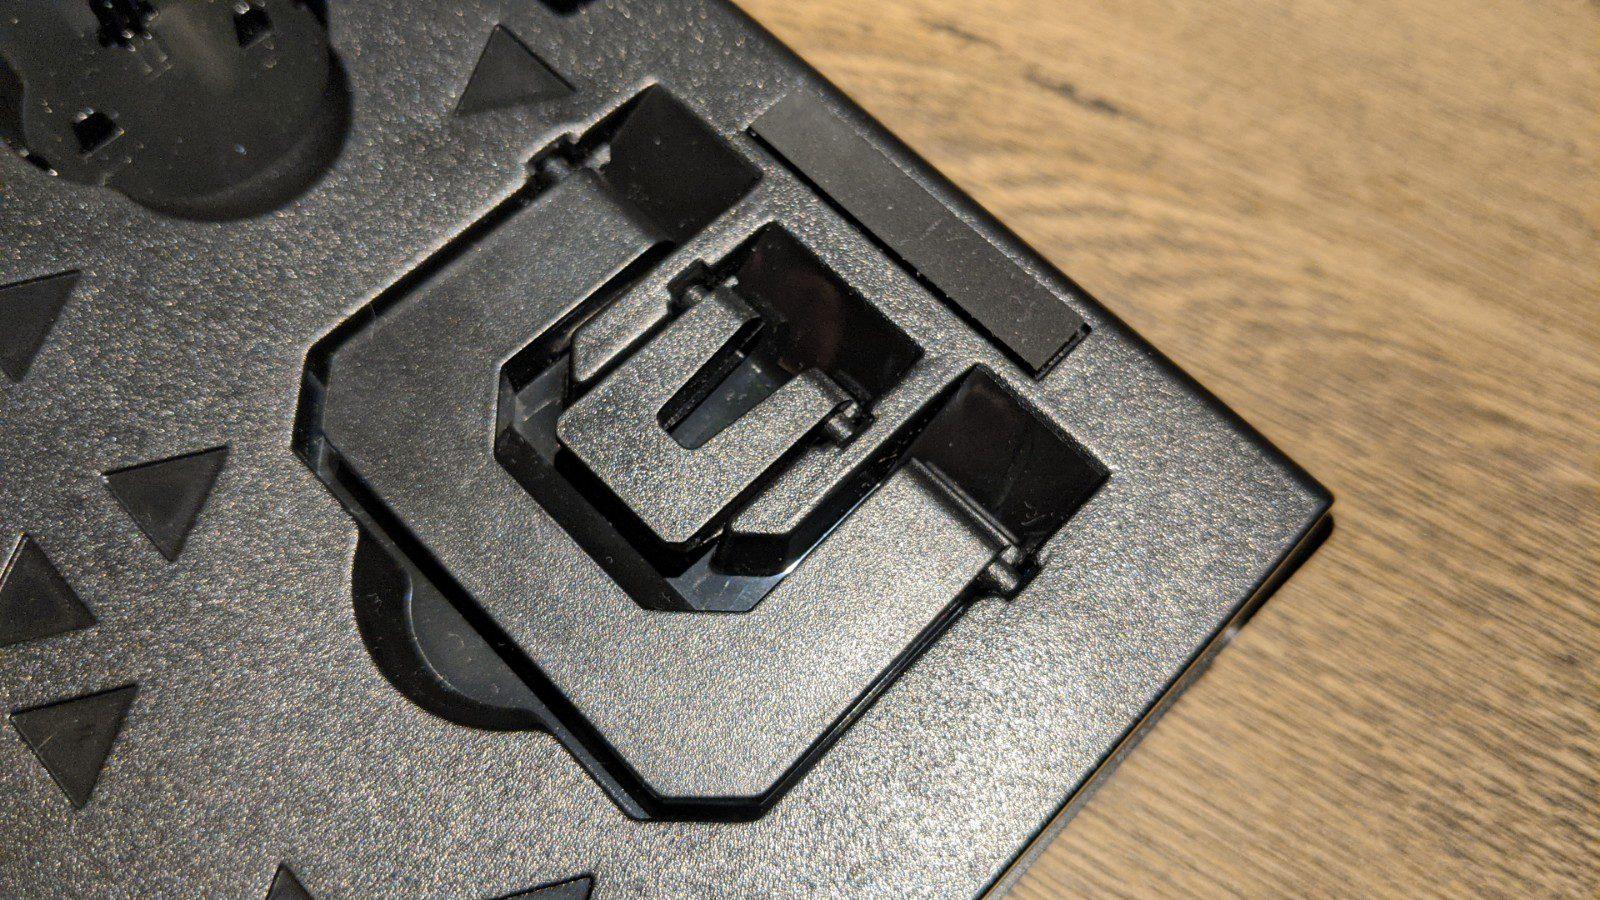 zbliżenie na schowane stopki klawiatury SPC gear GK650K